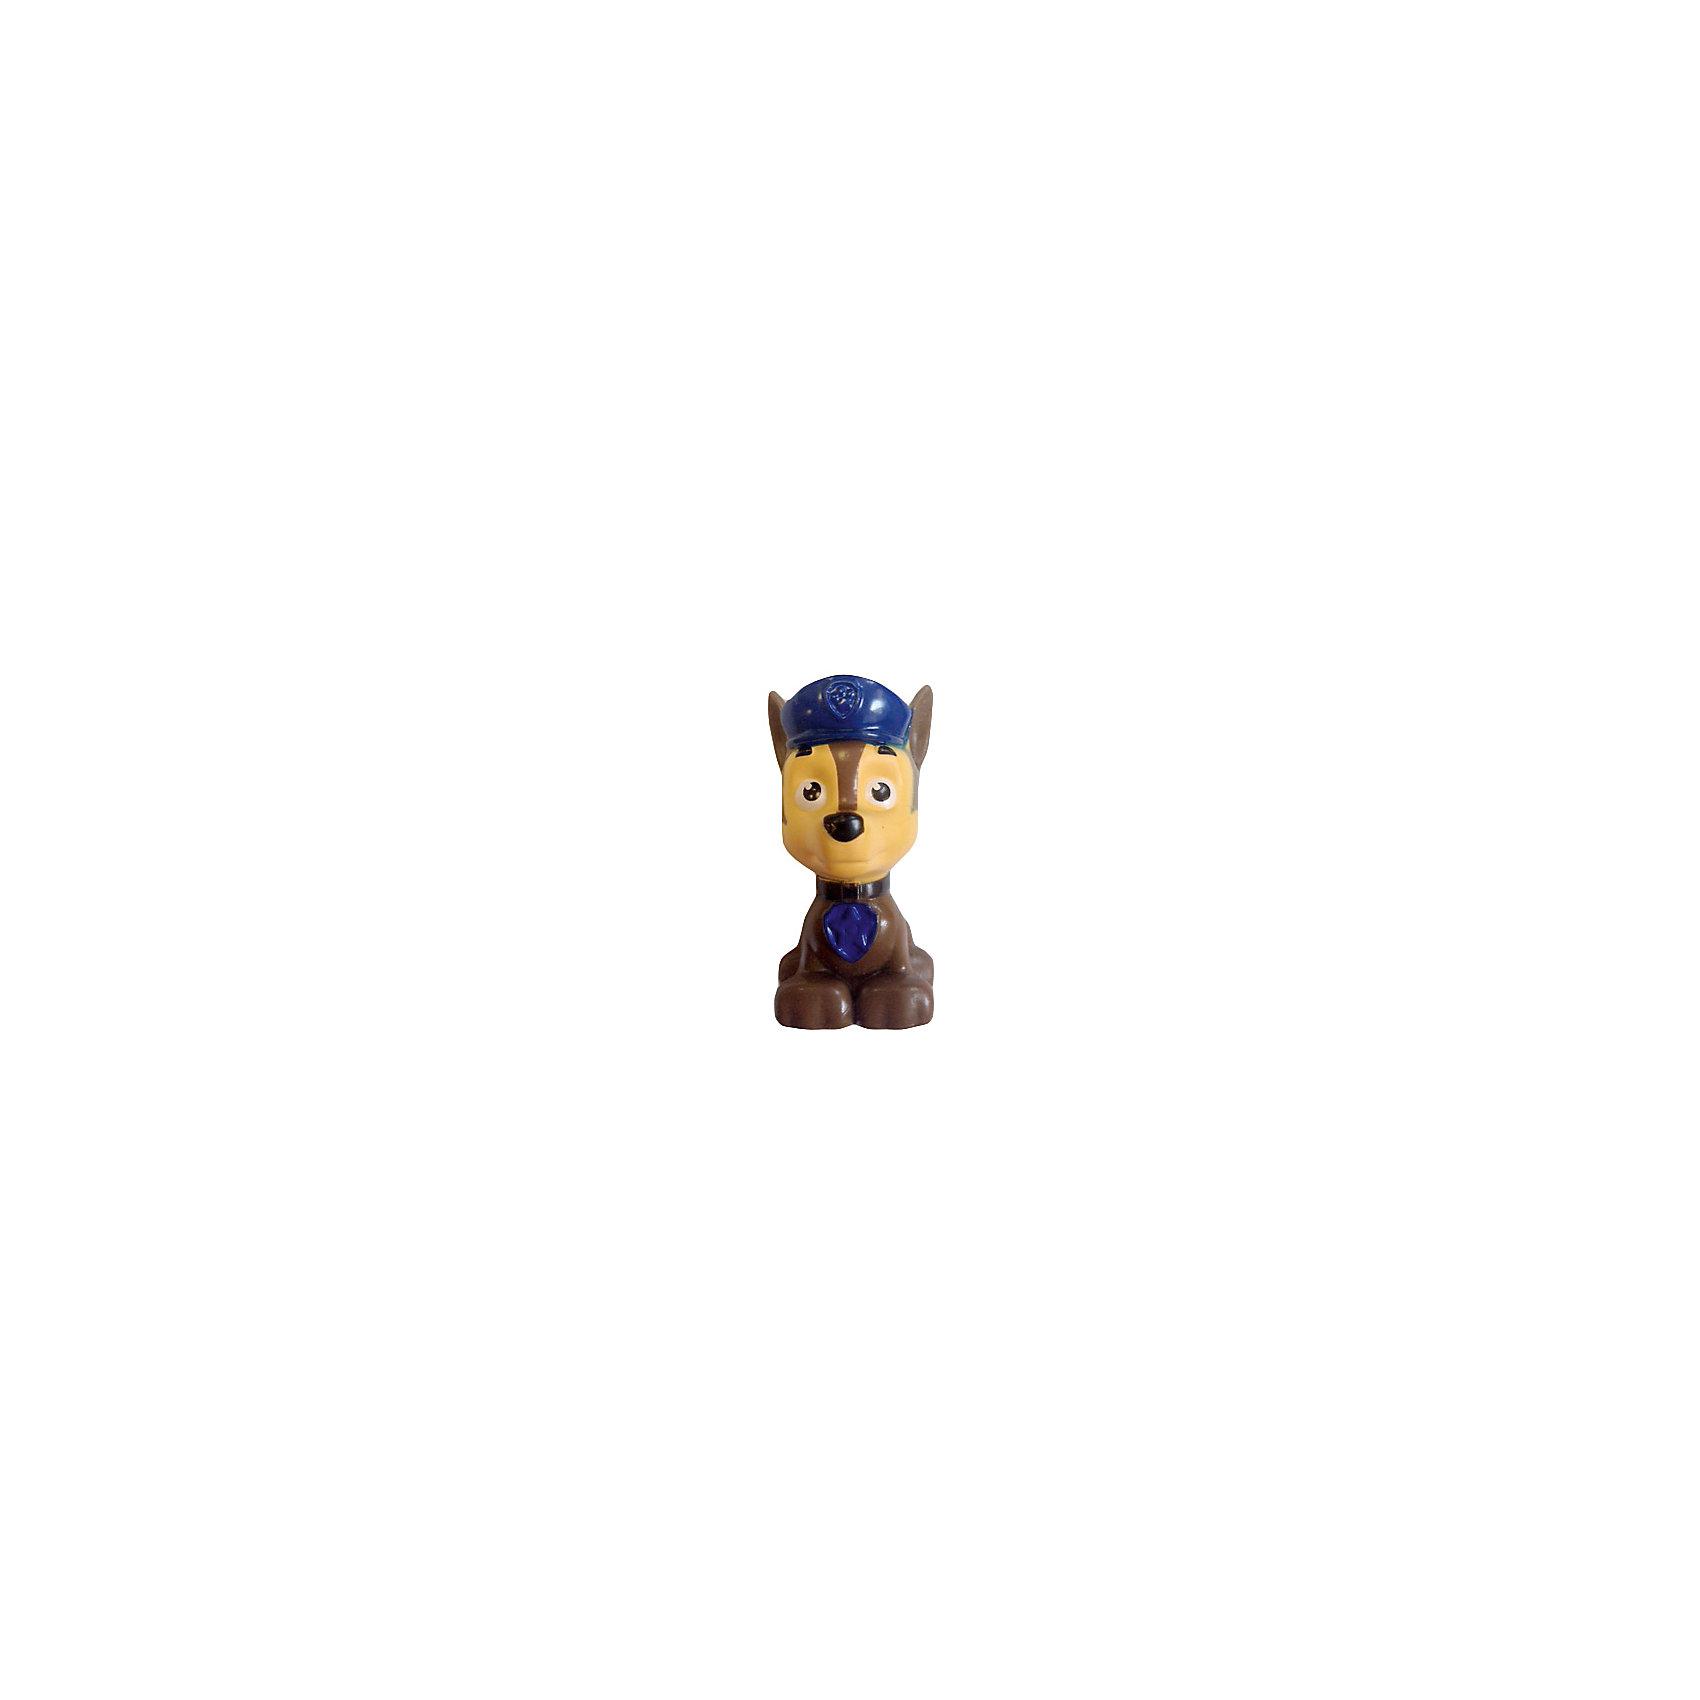 Минифигурка Гонщик, Щенячий патруль, Spin MasterКоллекционные и игровые фигурки<br>Минифигурка Гонщика станет приятным сюрпризом для Вашего ребенка, особенно если он является поклонником популярного мультсериала Щенячий патруль (PAW Patrol) о приключениях щенков-спасателей. Команда из шести забавных и храбрых щенят всегда готова прийти на помощь и выручить из беды. У каждого из щенков свой характер, особенности и таланты. Гонщик - щенок полицейский, его фигурка выполнена с высокой степенью детализации и полностью повторяет своего экранного персонажа. В серии минифигурок Spin Master представлены все основные персонажи мультфильма, попробуйте собрать свою коллекцию щенков-спасателей!<br><br>Дополнительная информация:<br><br>- Материал: пластик.<br>- Высота фигурки: 5 см.<br>- Размер упаковки: 14 х 9 х 2 см.<br>- Вес: 41 гр.<br><br>Минифигурку Гонщика, Щенячий патруль, Spin Master, можно купить в нашем интернет-магазине.<br><br>Ширина мм: 140<br>Глубина мм: 90<br>Высота мм: 20<br>Вес г: 100<br>Возраст от месяцев: 36<br>Возраст до месяцев: 84<br>Пол: Унисекс<br>Возраст: Детский<br>SKU: 4203978